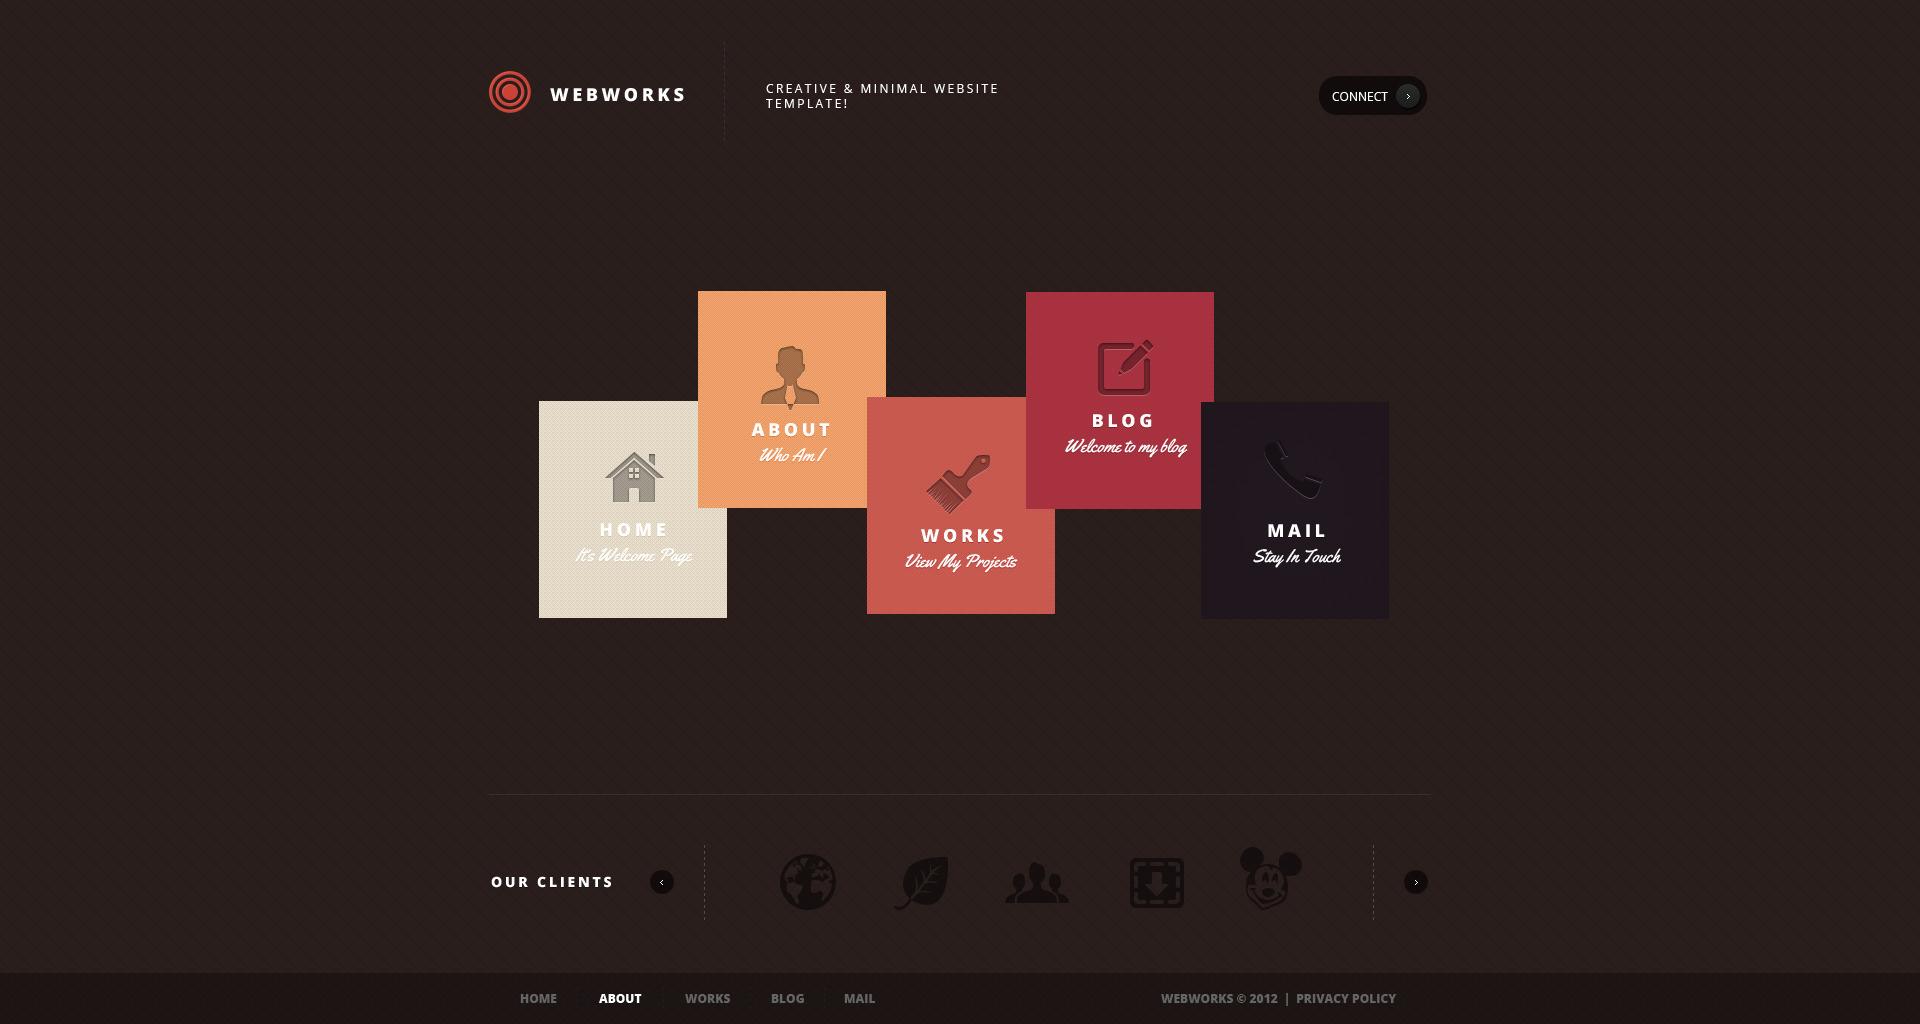 Webworks - Ultimate & Flexible Website Template